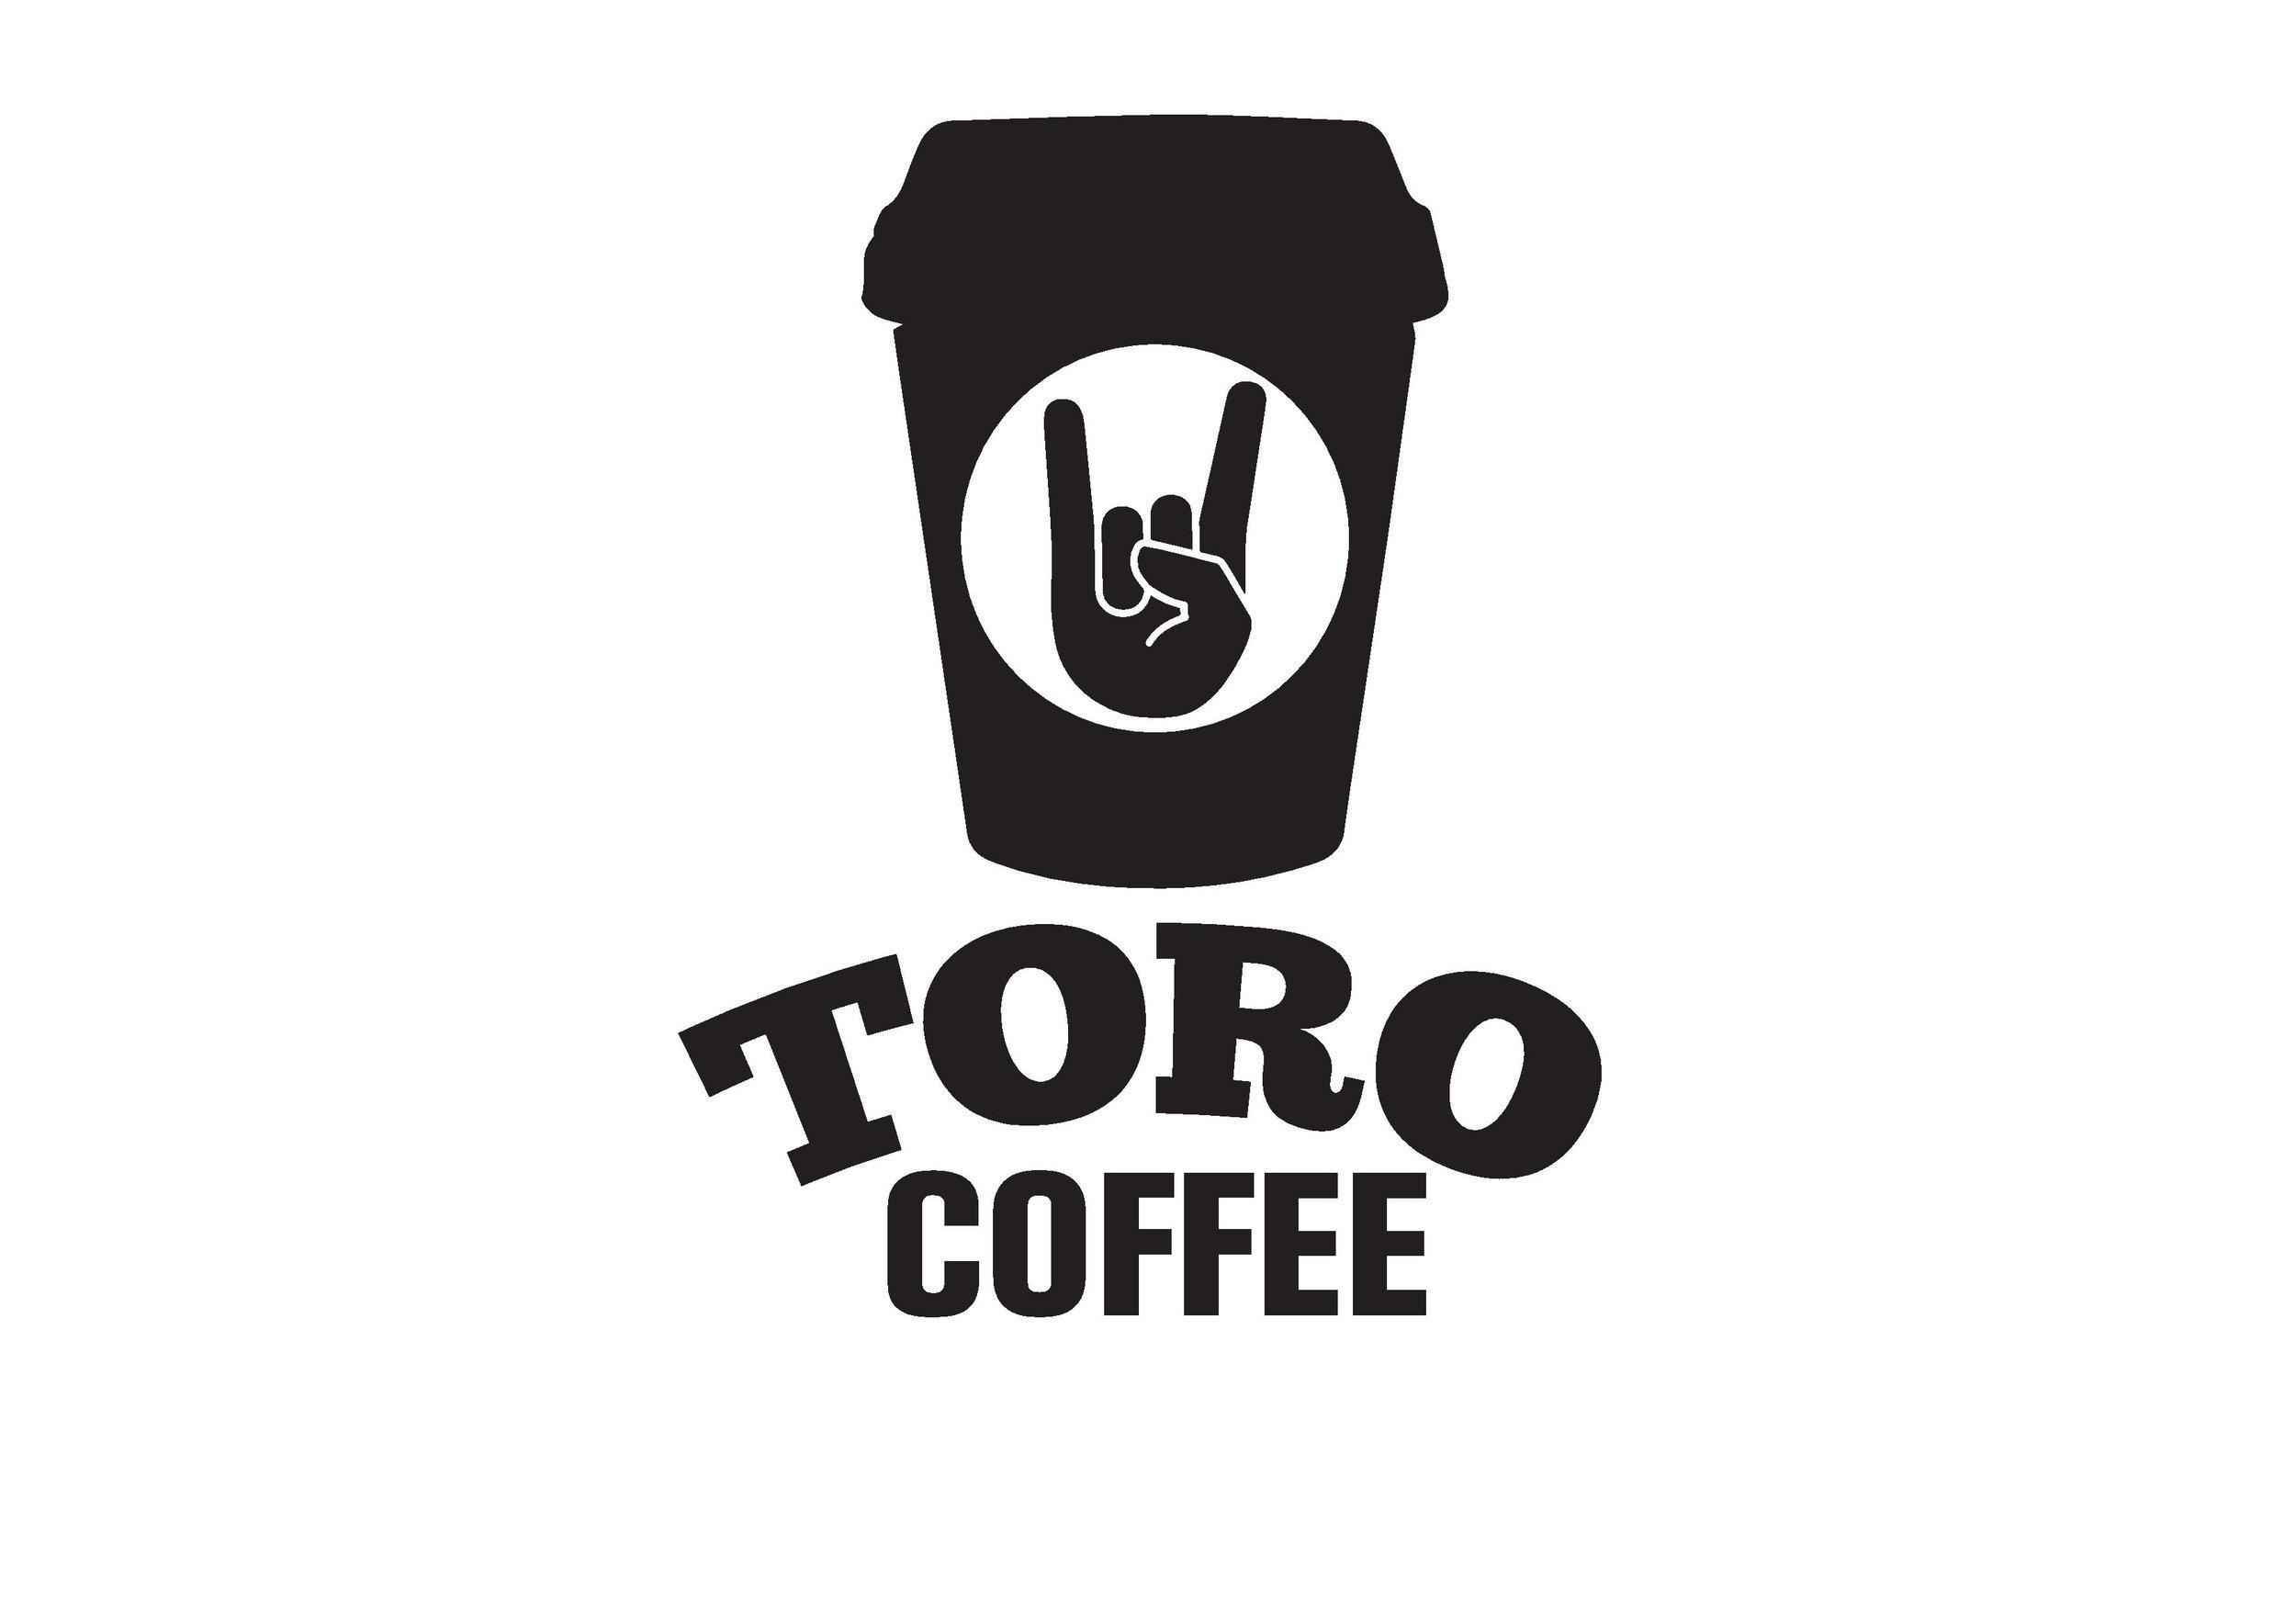 Toro-Coffee.jpg